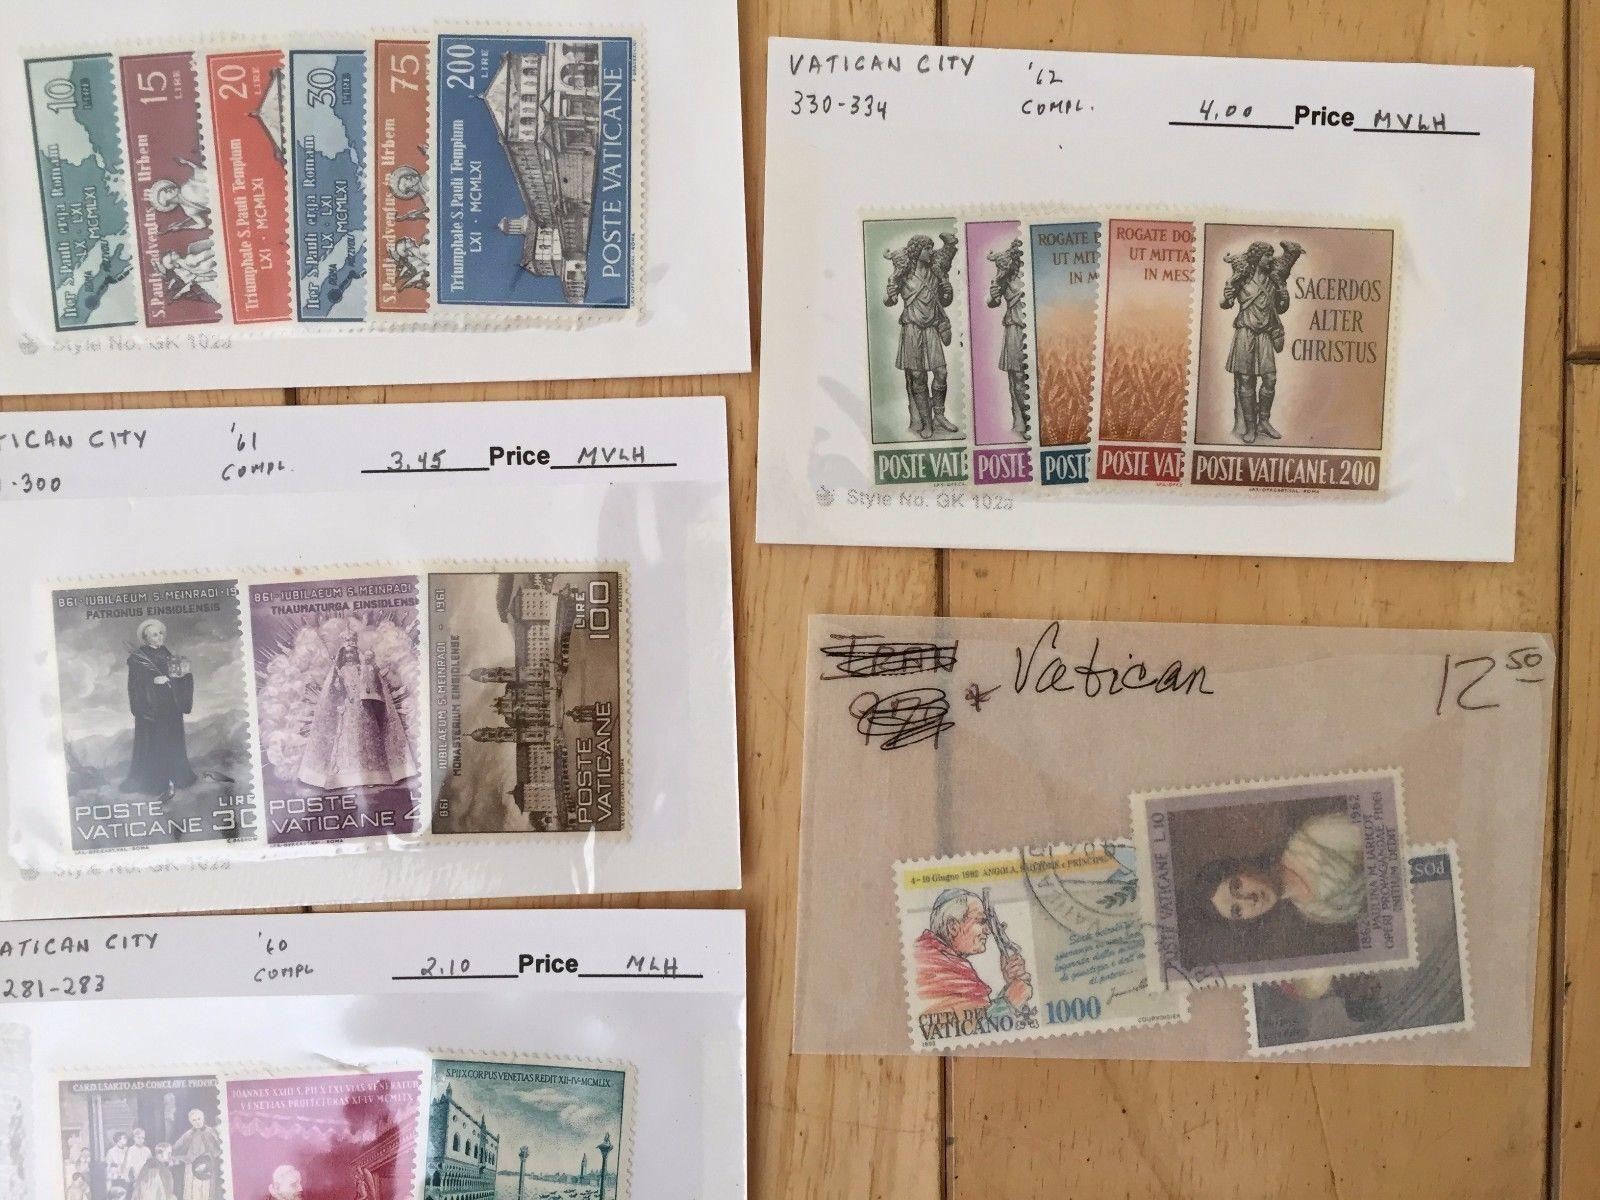 H10  Vatican City c13 c14 182 192 216  229 275 281 298 304 330 Stamps Boniface